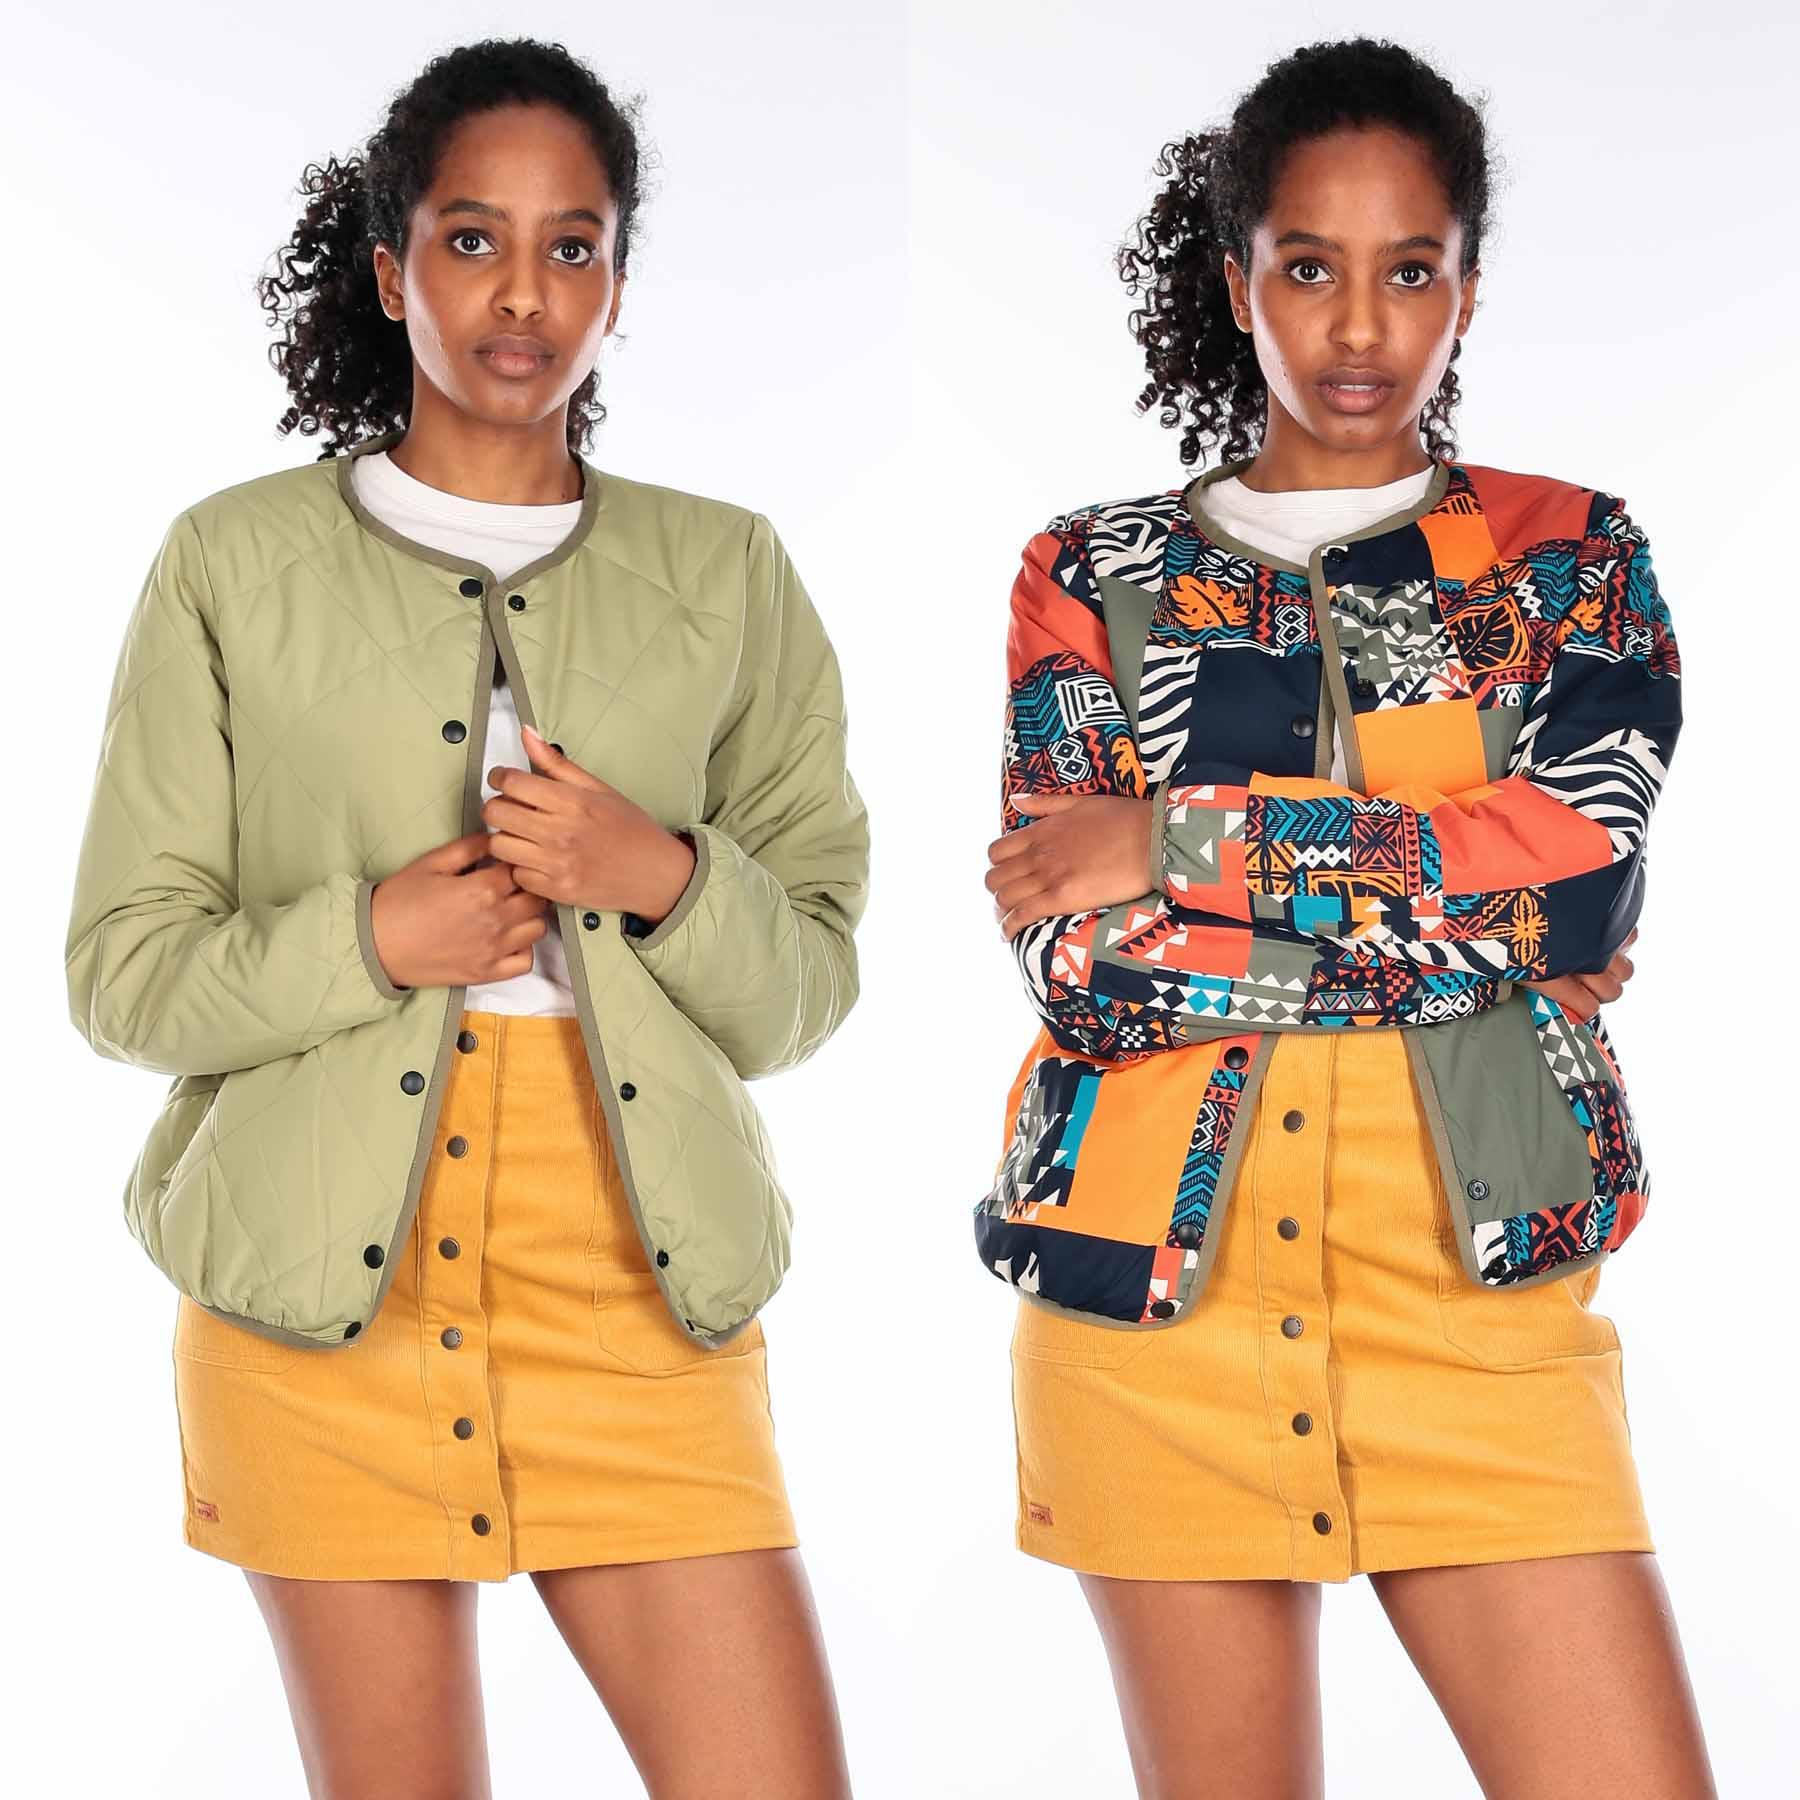 Irie Daily S/S 2022 Women's Streetwear